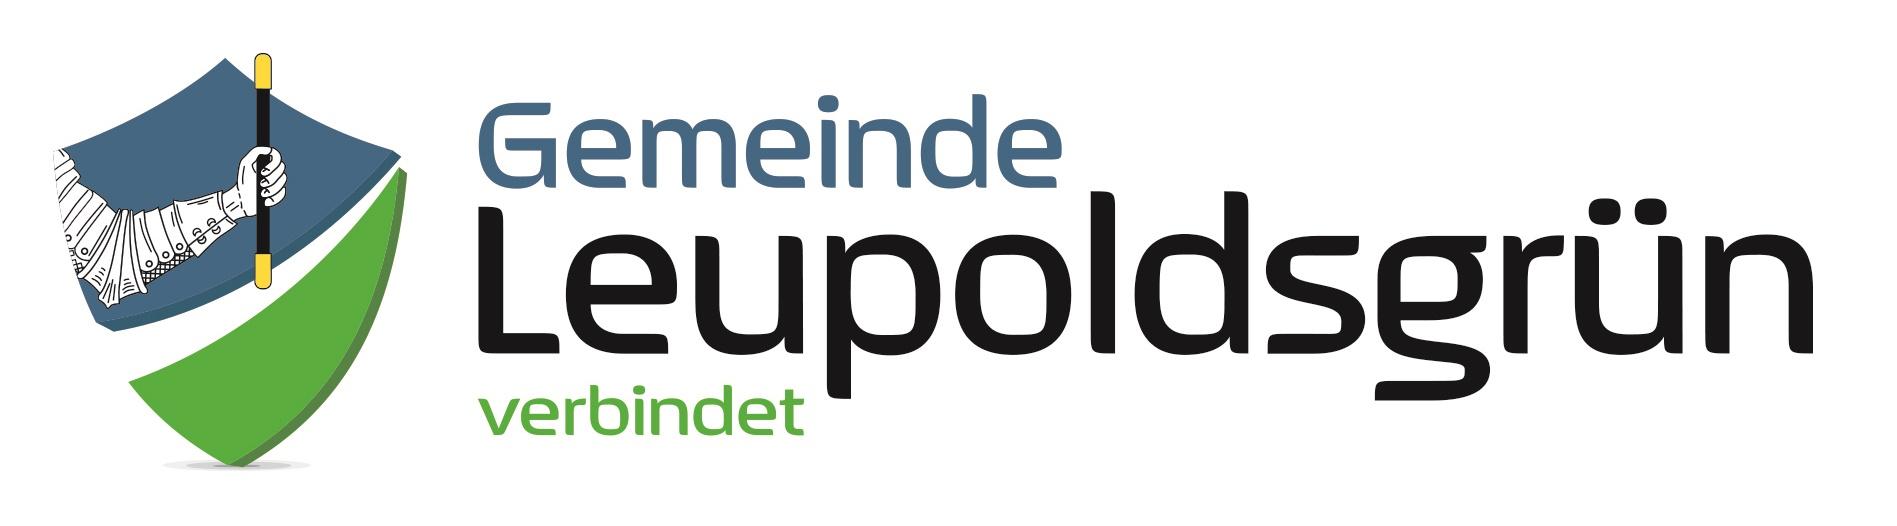 Gemeinde Leupoldsgrün - Wiesenfest vom 10.07. bis 12.07.2021